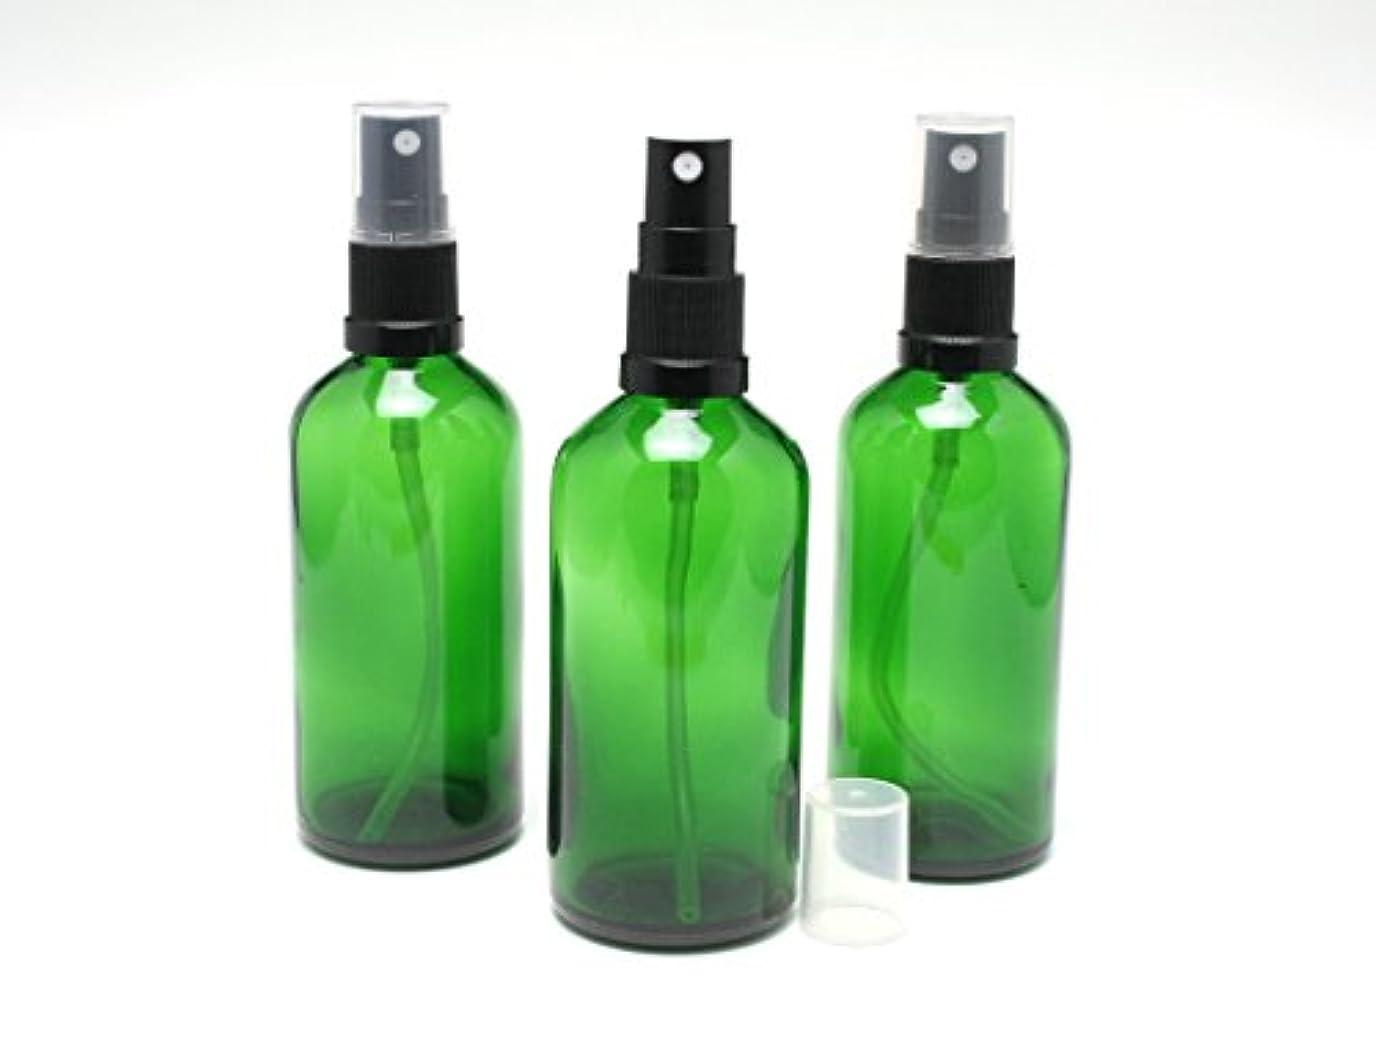 戦艦暴君関連する遮光瓶 スプレーボトル (グラス/アトマイザー) 100ml / グリーン/ブラックヘッド 3本セット 【新品アウトレット商品 】